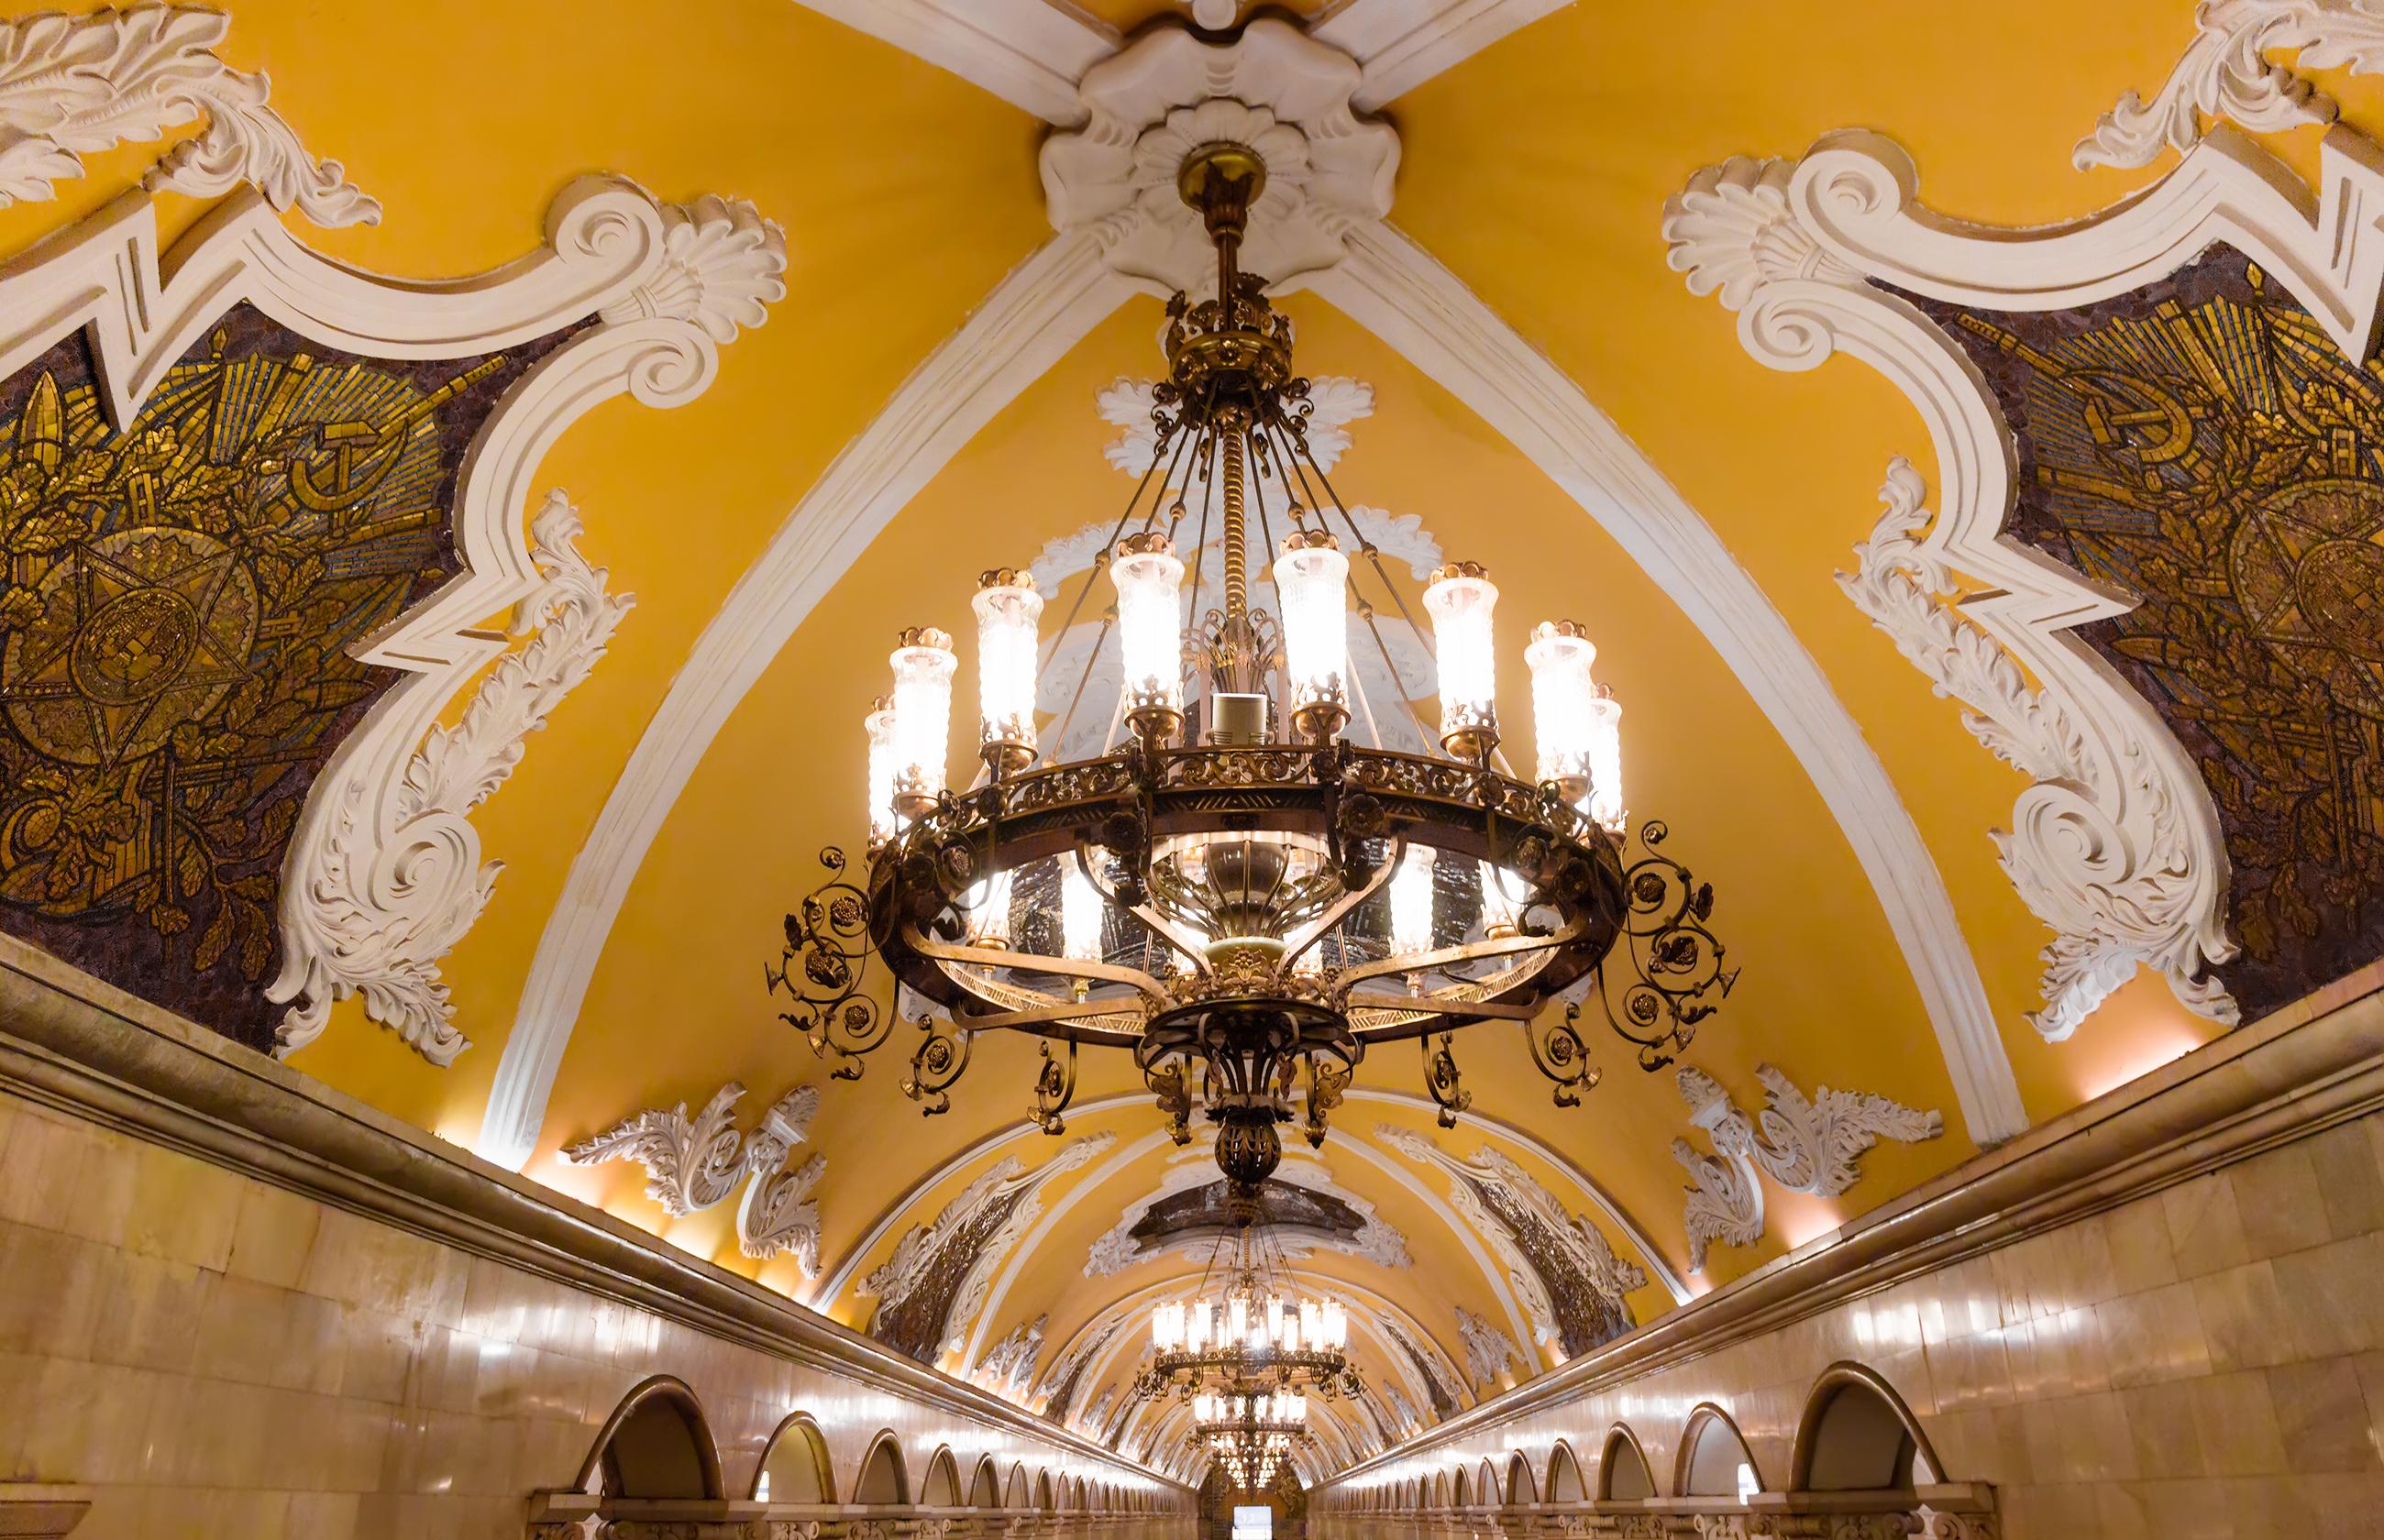 Москва, Русия<br /> Московският метрополитен е една от най-натоварените метросистеми в света.<br /> За първи път в руската столица метрото се задвижва на 15 май 1935 година.<br /> Общата дължина на метрото в Москва в наши дни е 331,5 км. Състои се от 12 линии и 199 станции. Метрото ведин нормален работен ден метрото превозва около8,6 милиона пътници, а през почивните дни превозваприблизително6,5 милиона на ден.<br /> Когато се създавало метрото в Москва, Сталин поискал отархитектите, проектантите и художниците да създадат нещо, което да прослави столицата. Идеята е станциите да са изпъстрени с мозайки, статуи и пищни арки.